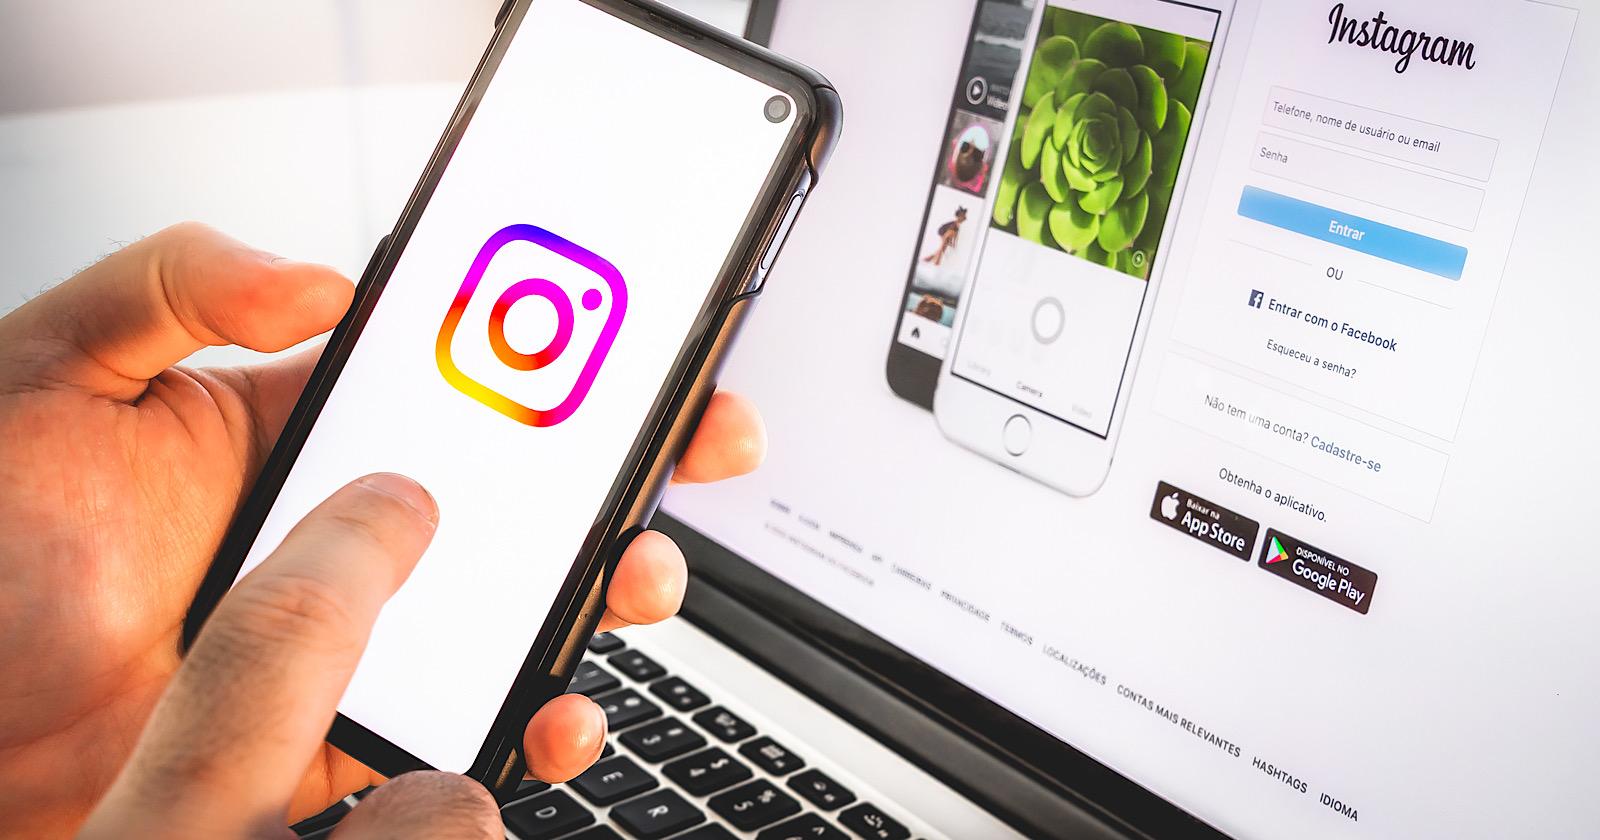 Instagram nói rằng các trang web có thể cần sự cho phép để nhúng ảnh 5